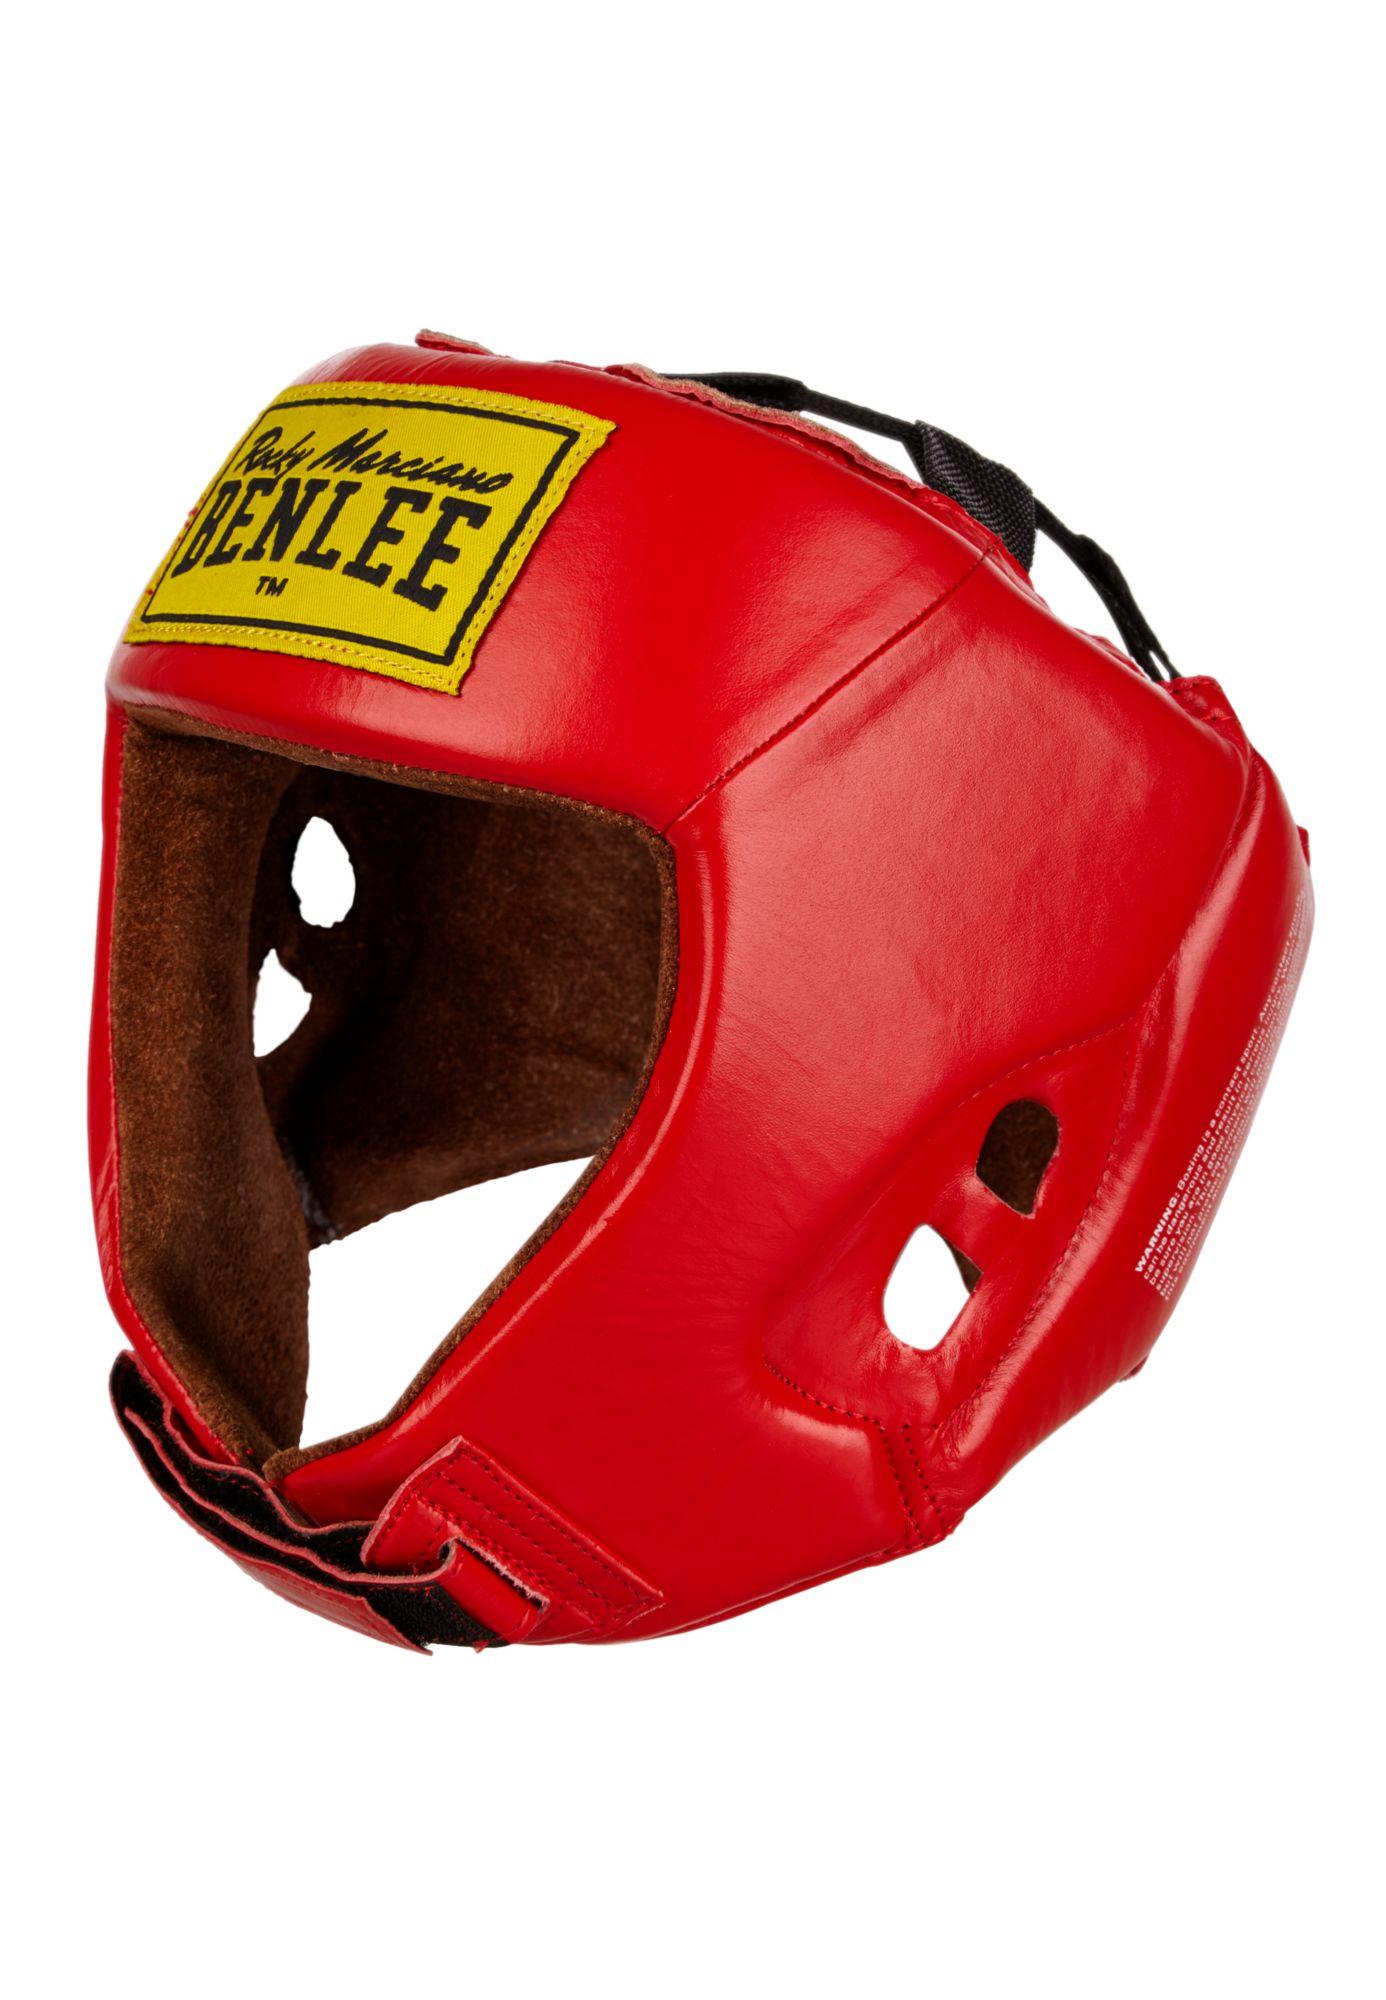 BENLEE ROCKY MARCIANO Benlee Rocky Marciano Kopfschutz »OPEN FACE«